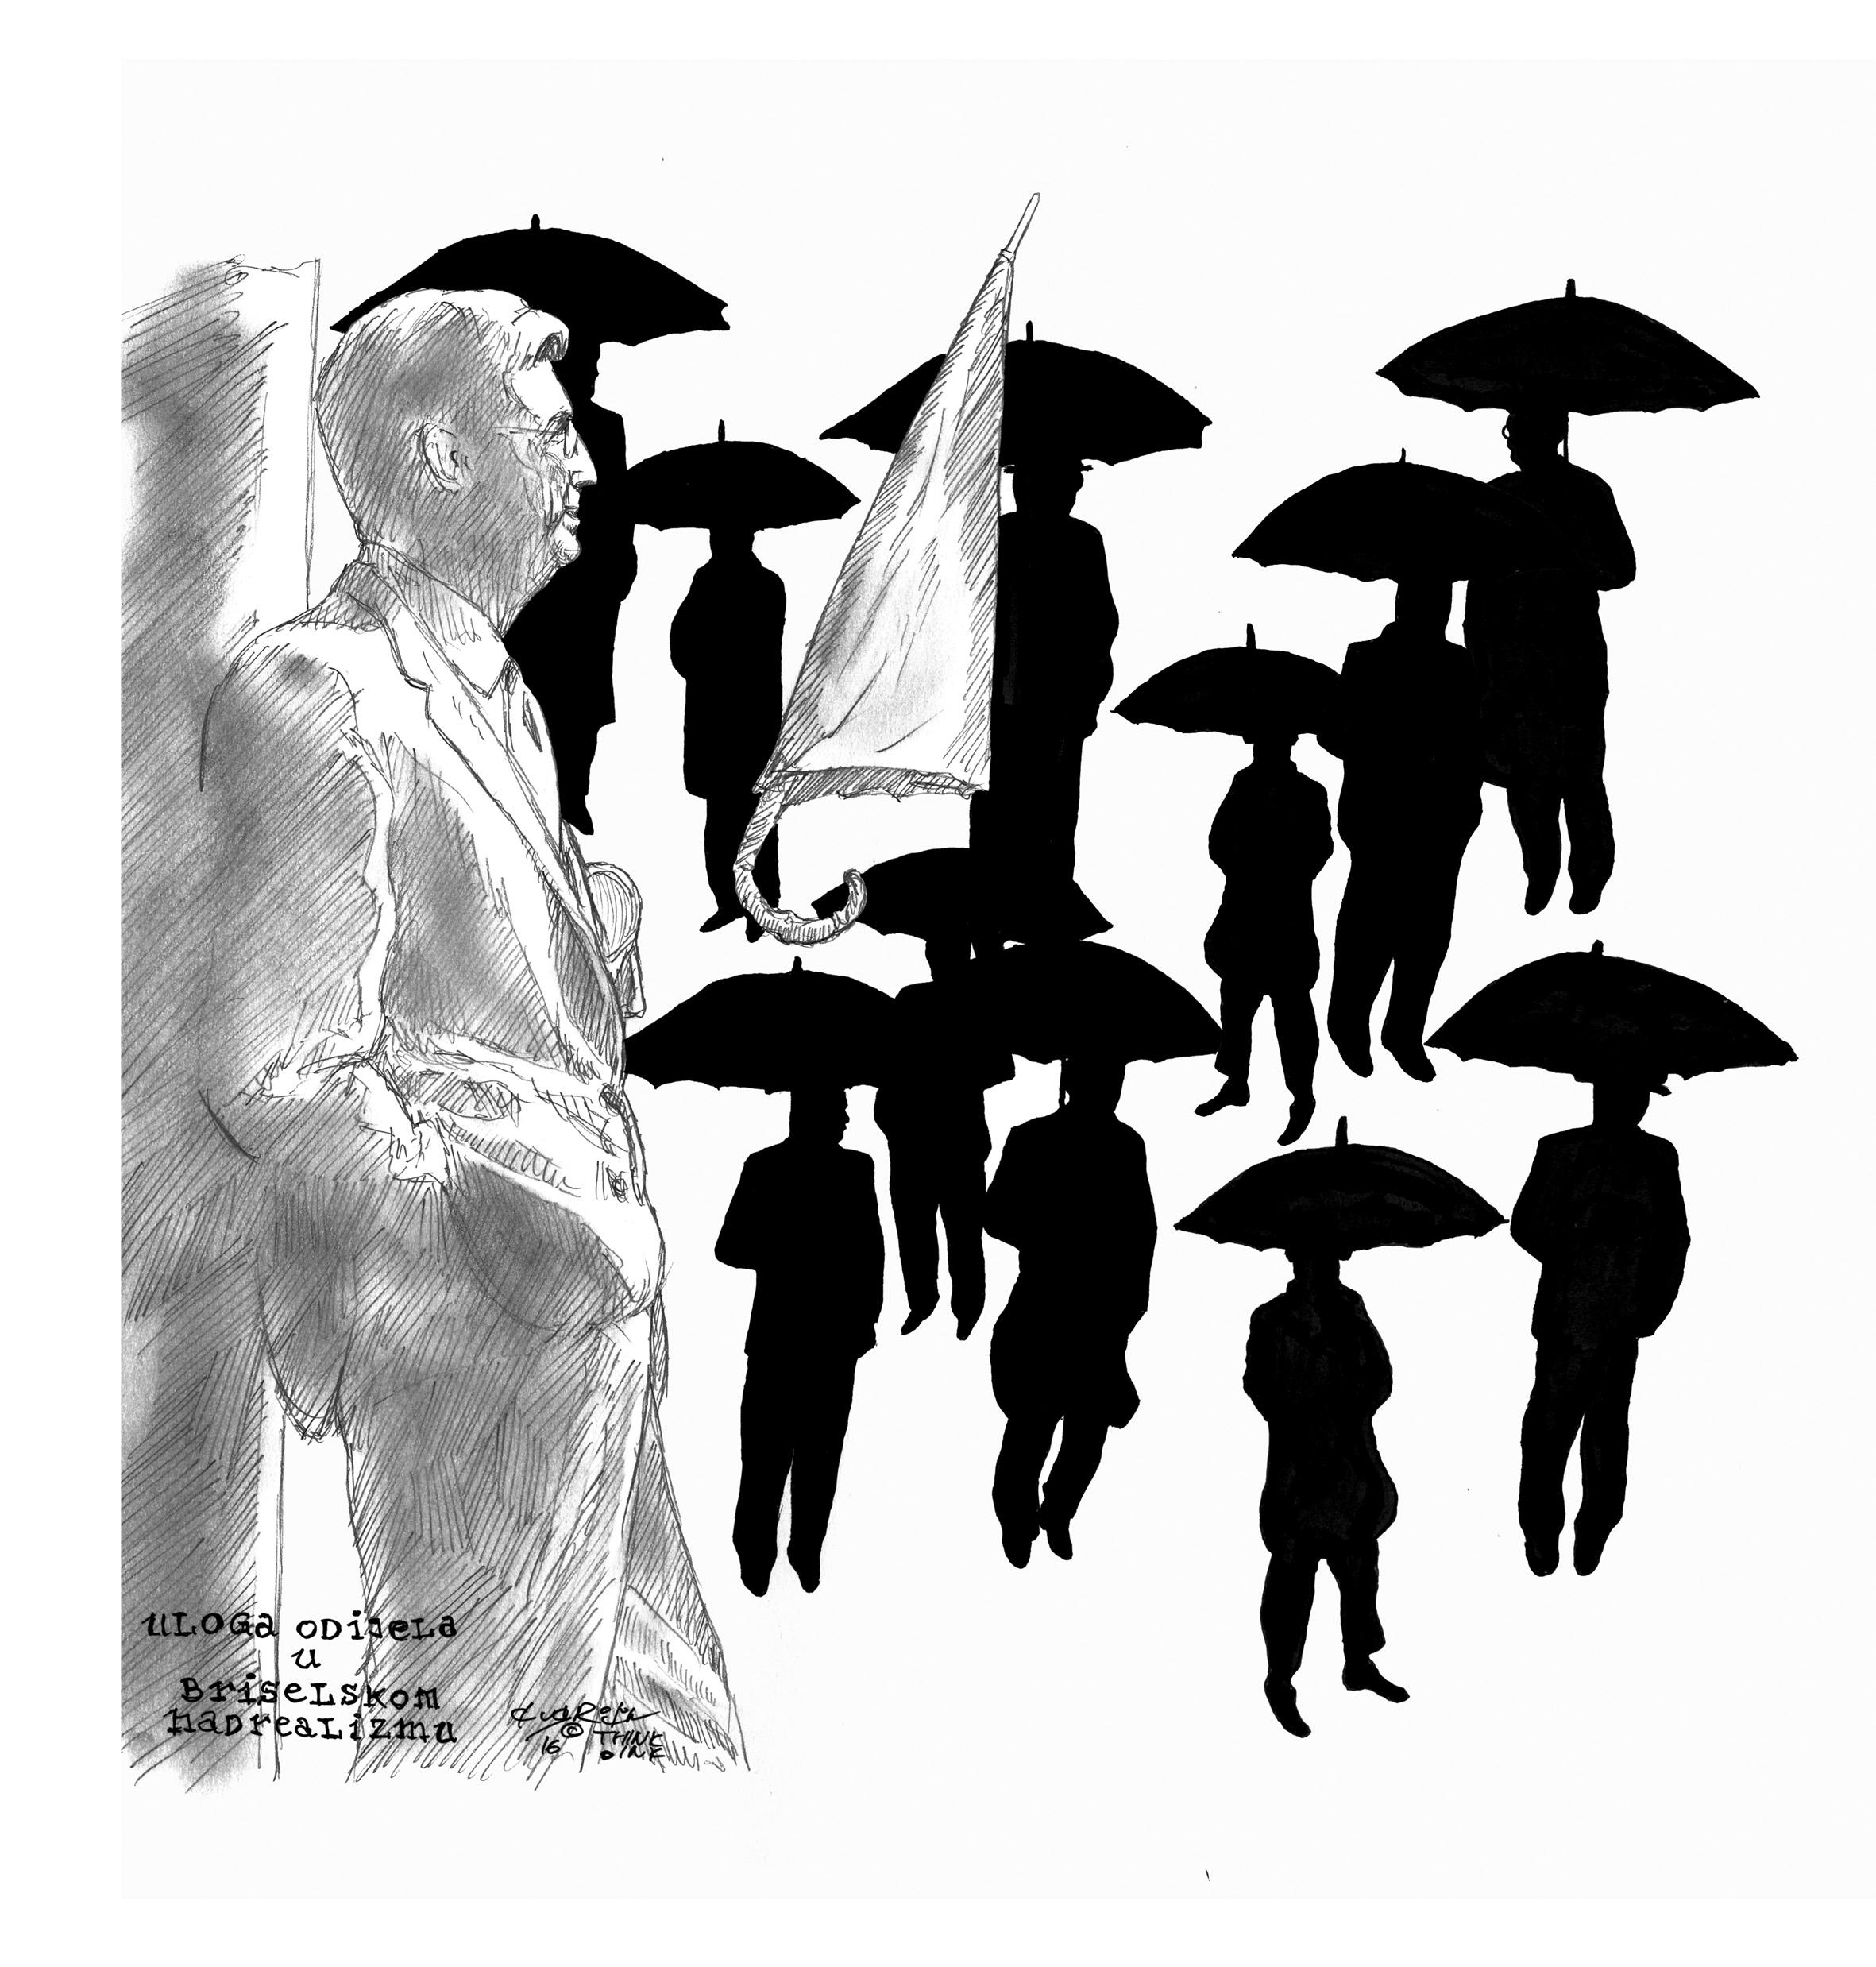 2016-10-14_uloga-odijela-u-briselskom-nadrealizmu